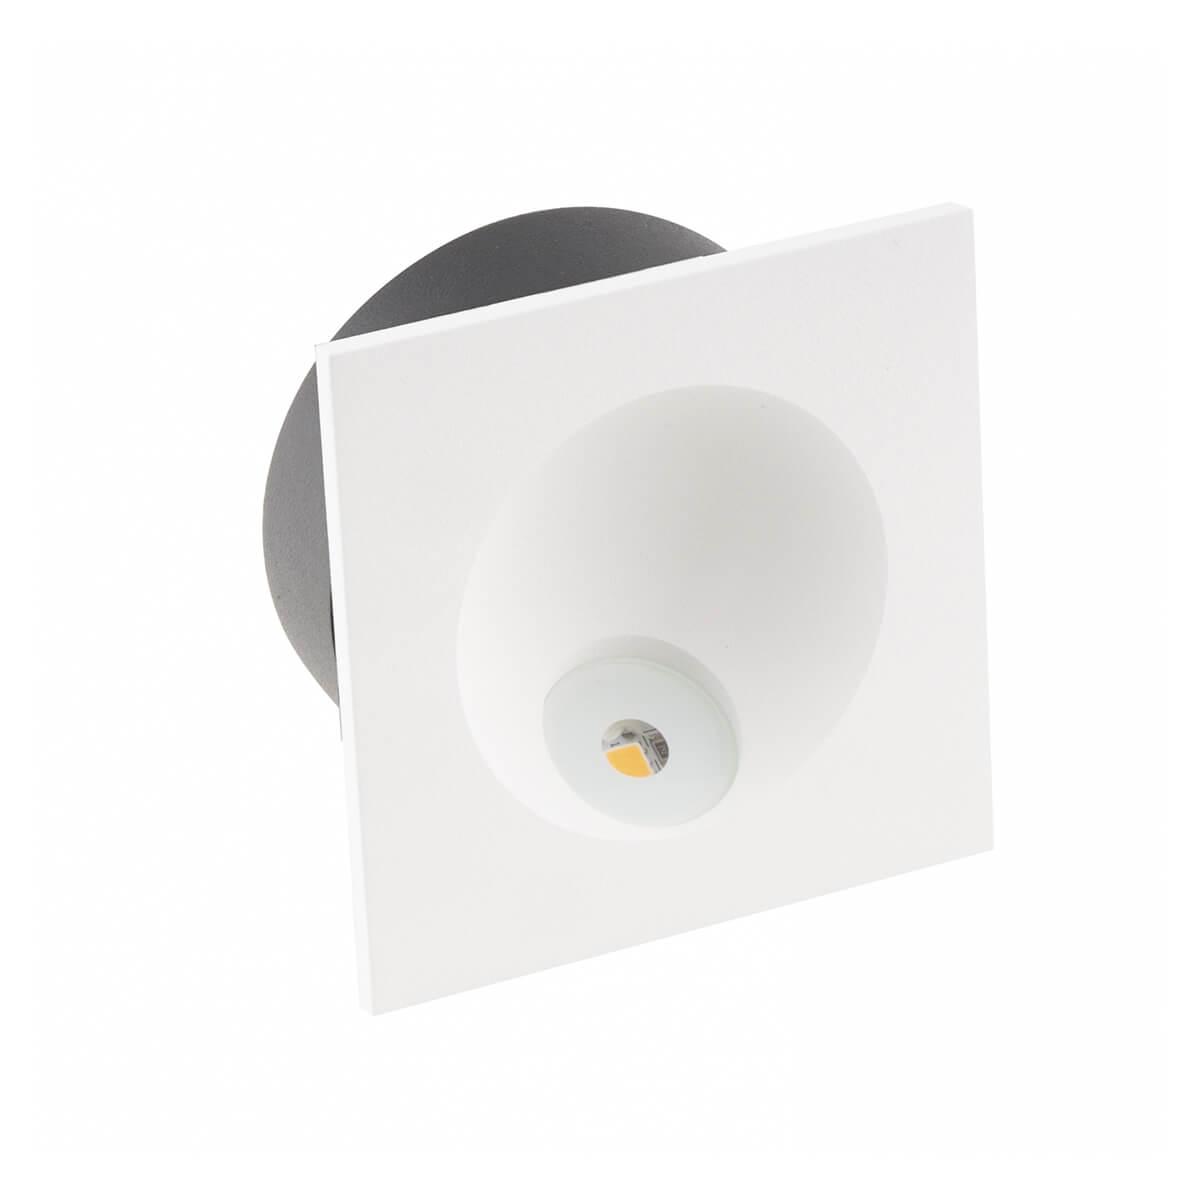 Стенна лампа Time, квадратна с IP54